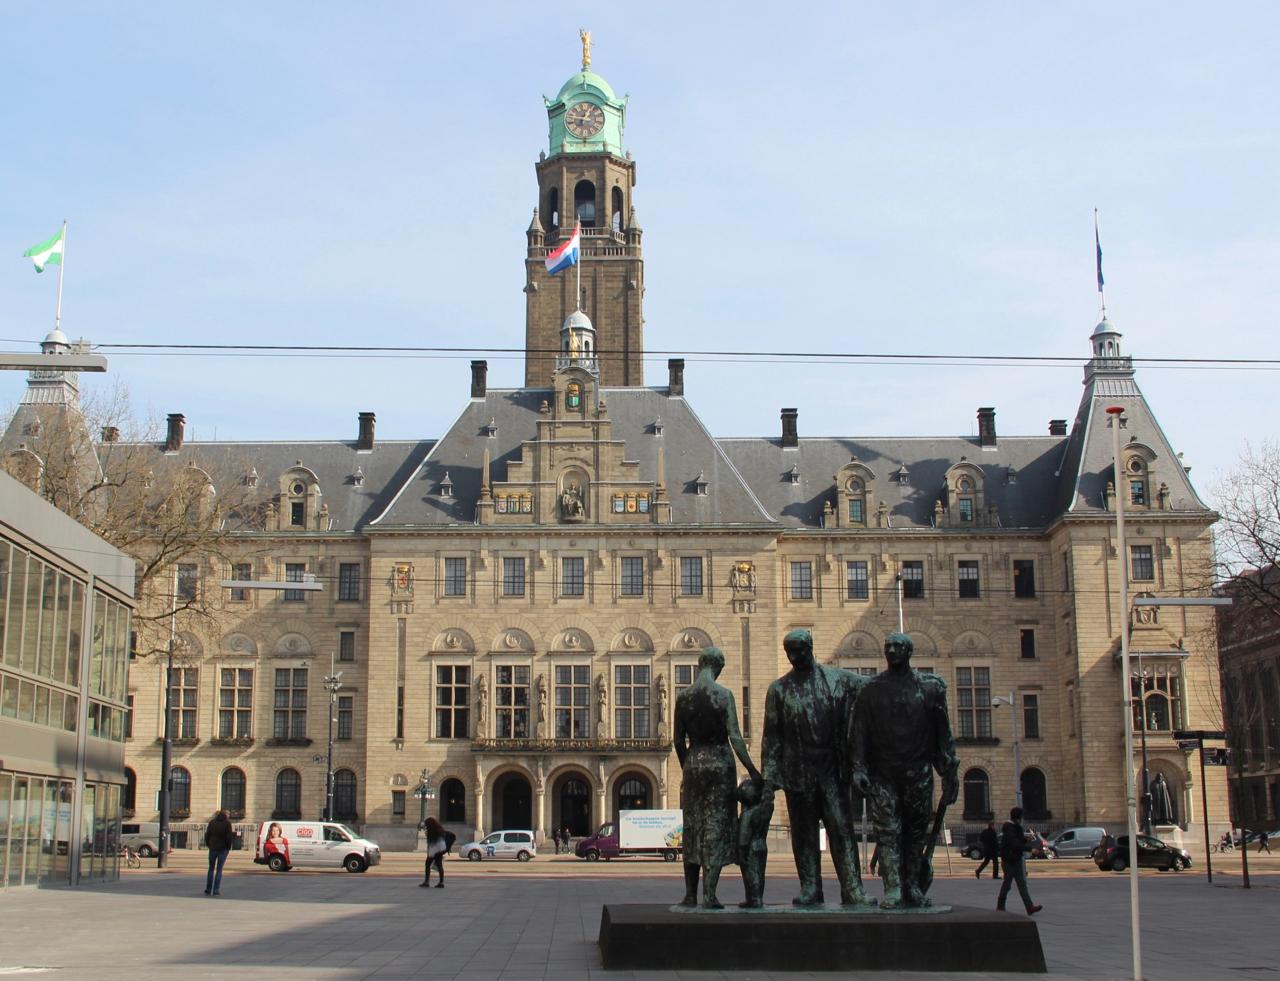 Werk Rotterdam - Stadhuis, supervisie monument